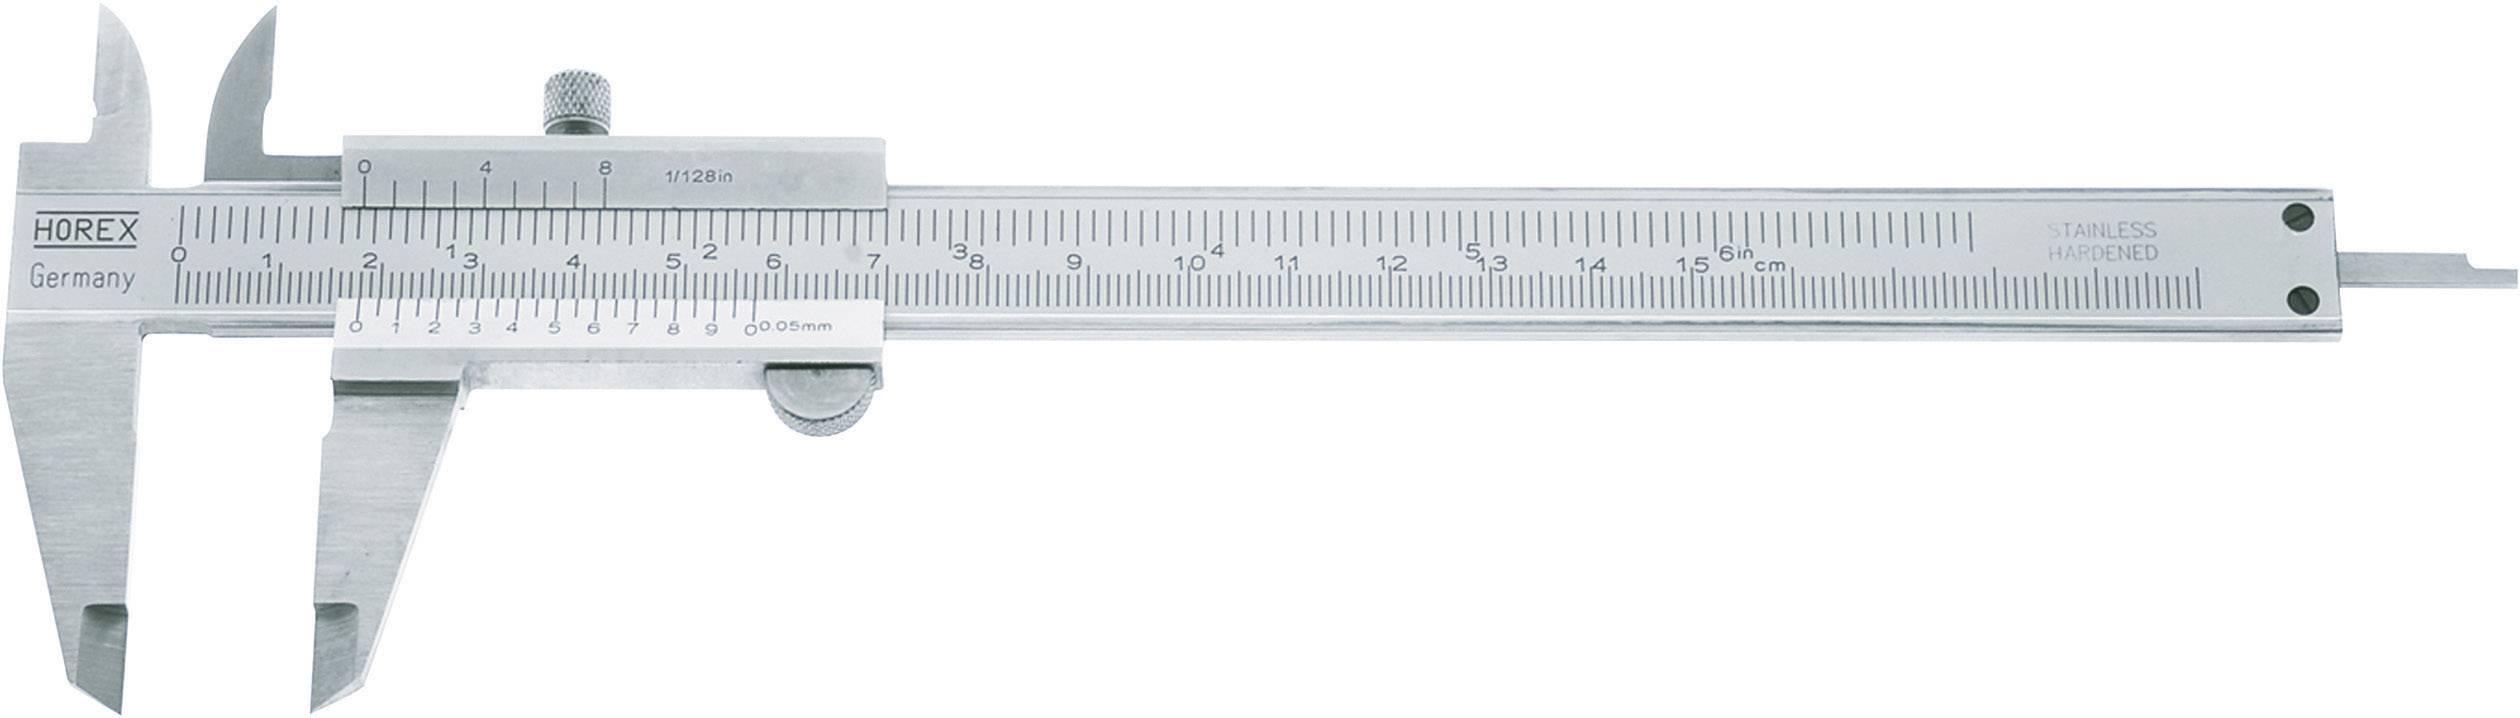 Vreckové posuvné meradlo Horex 2226516, rozsah merania 150 mm